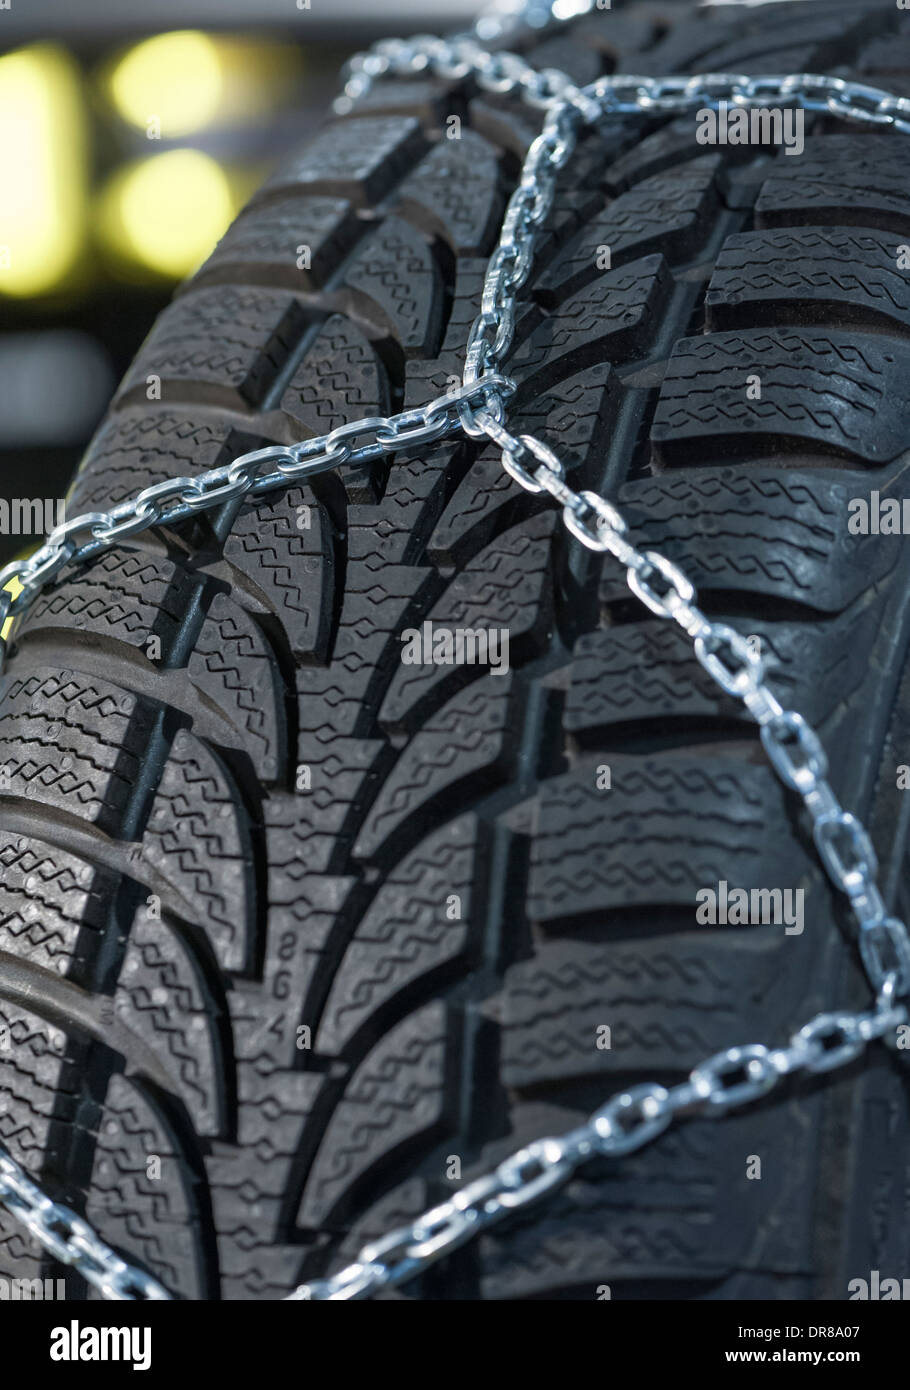 Rutschfeste Kette für das fahren auf Schnee, installiert auf einem Pkw-Reifen Stockbild